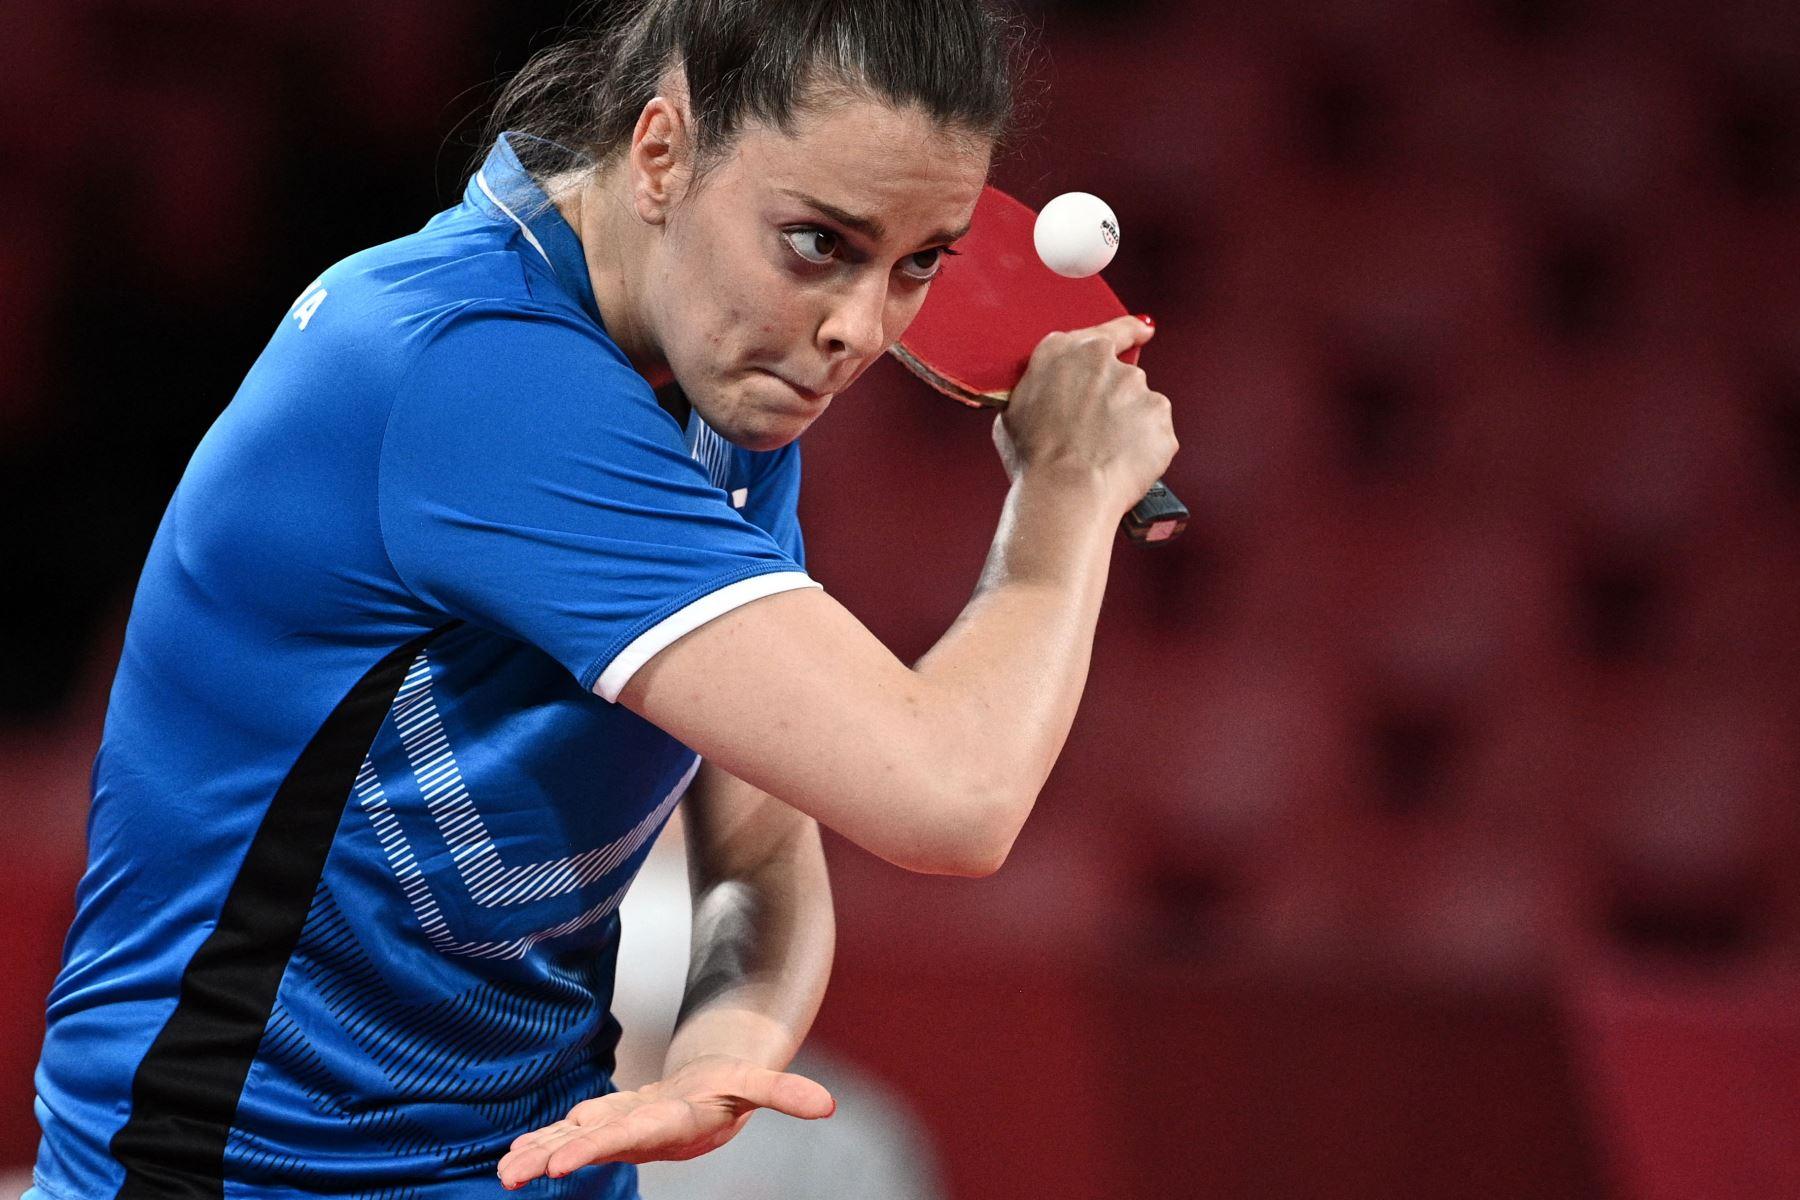 Polina Trifonova de Bulgaria mira la pelota mientras sirve a Sarah De Nutte de Luxemburgo durante el partido de tenis de mesa de la ronda 1 de individuales femeninas en el Gimnasio Metropolitano de Tokio durante los Juegos Olímpicos de Tokio 2020 en Tokio. Foto: AFP